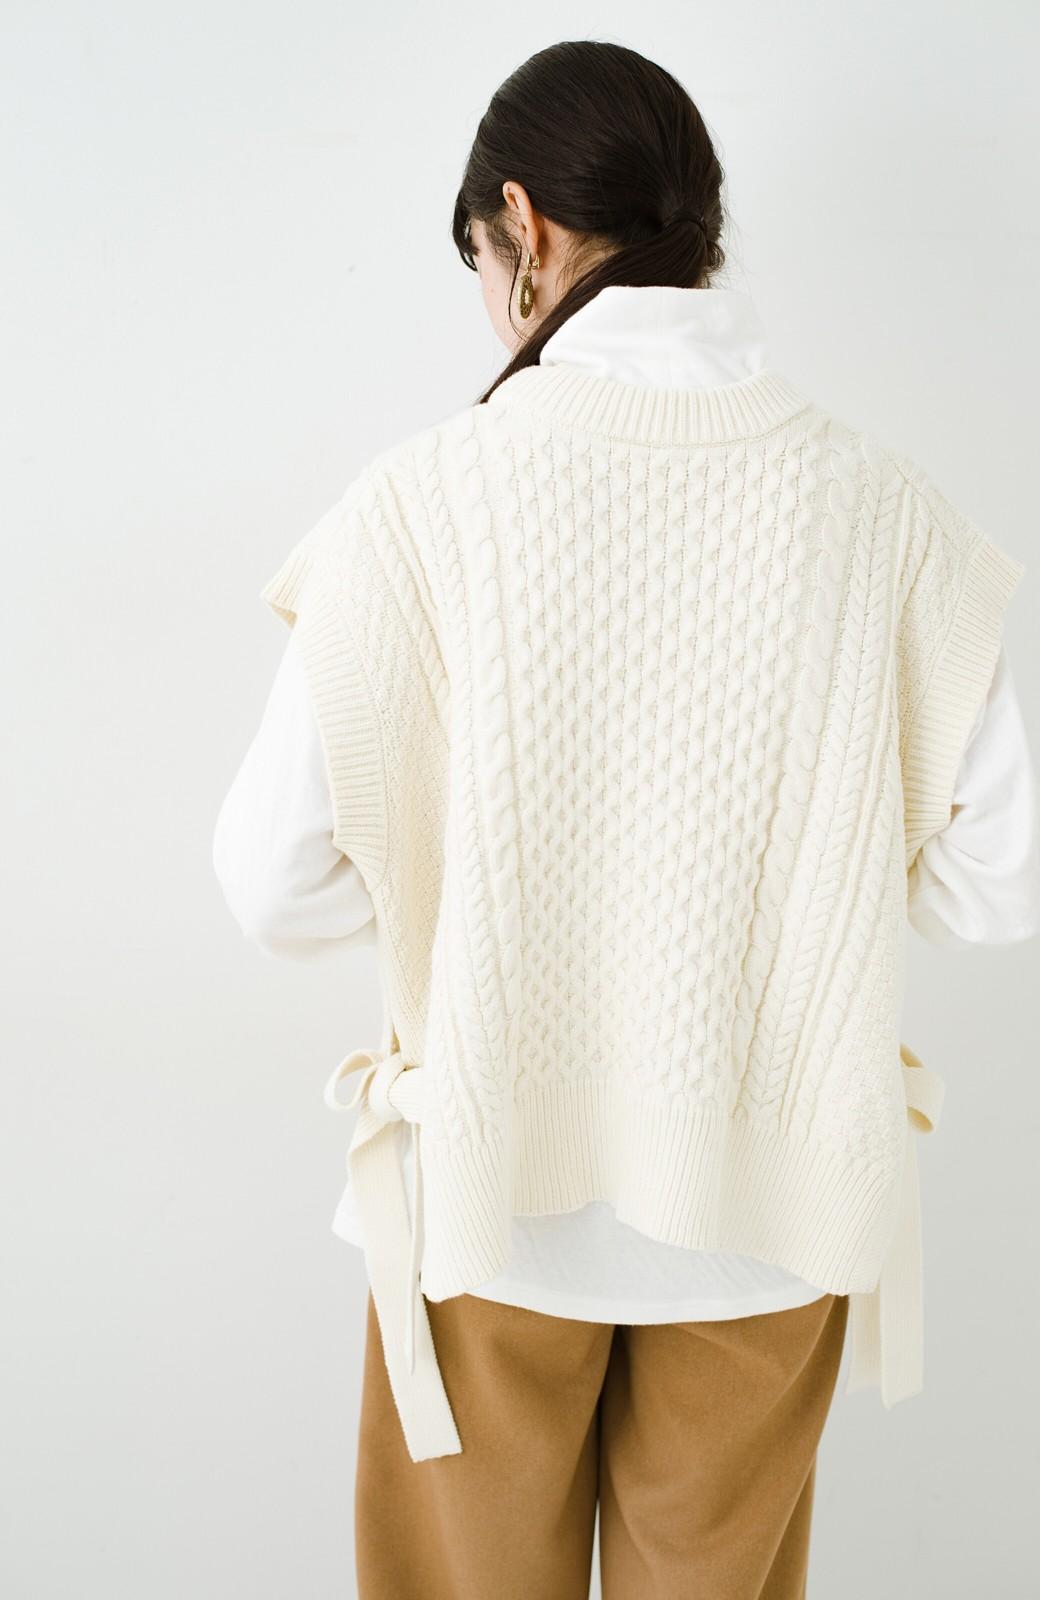 haco! ワンピースやシャツに重ねるだけであっという間に今っぽくなれるケーブル編みニットベスト <アイボリー>の商品写真9